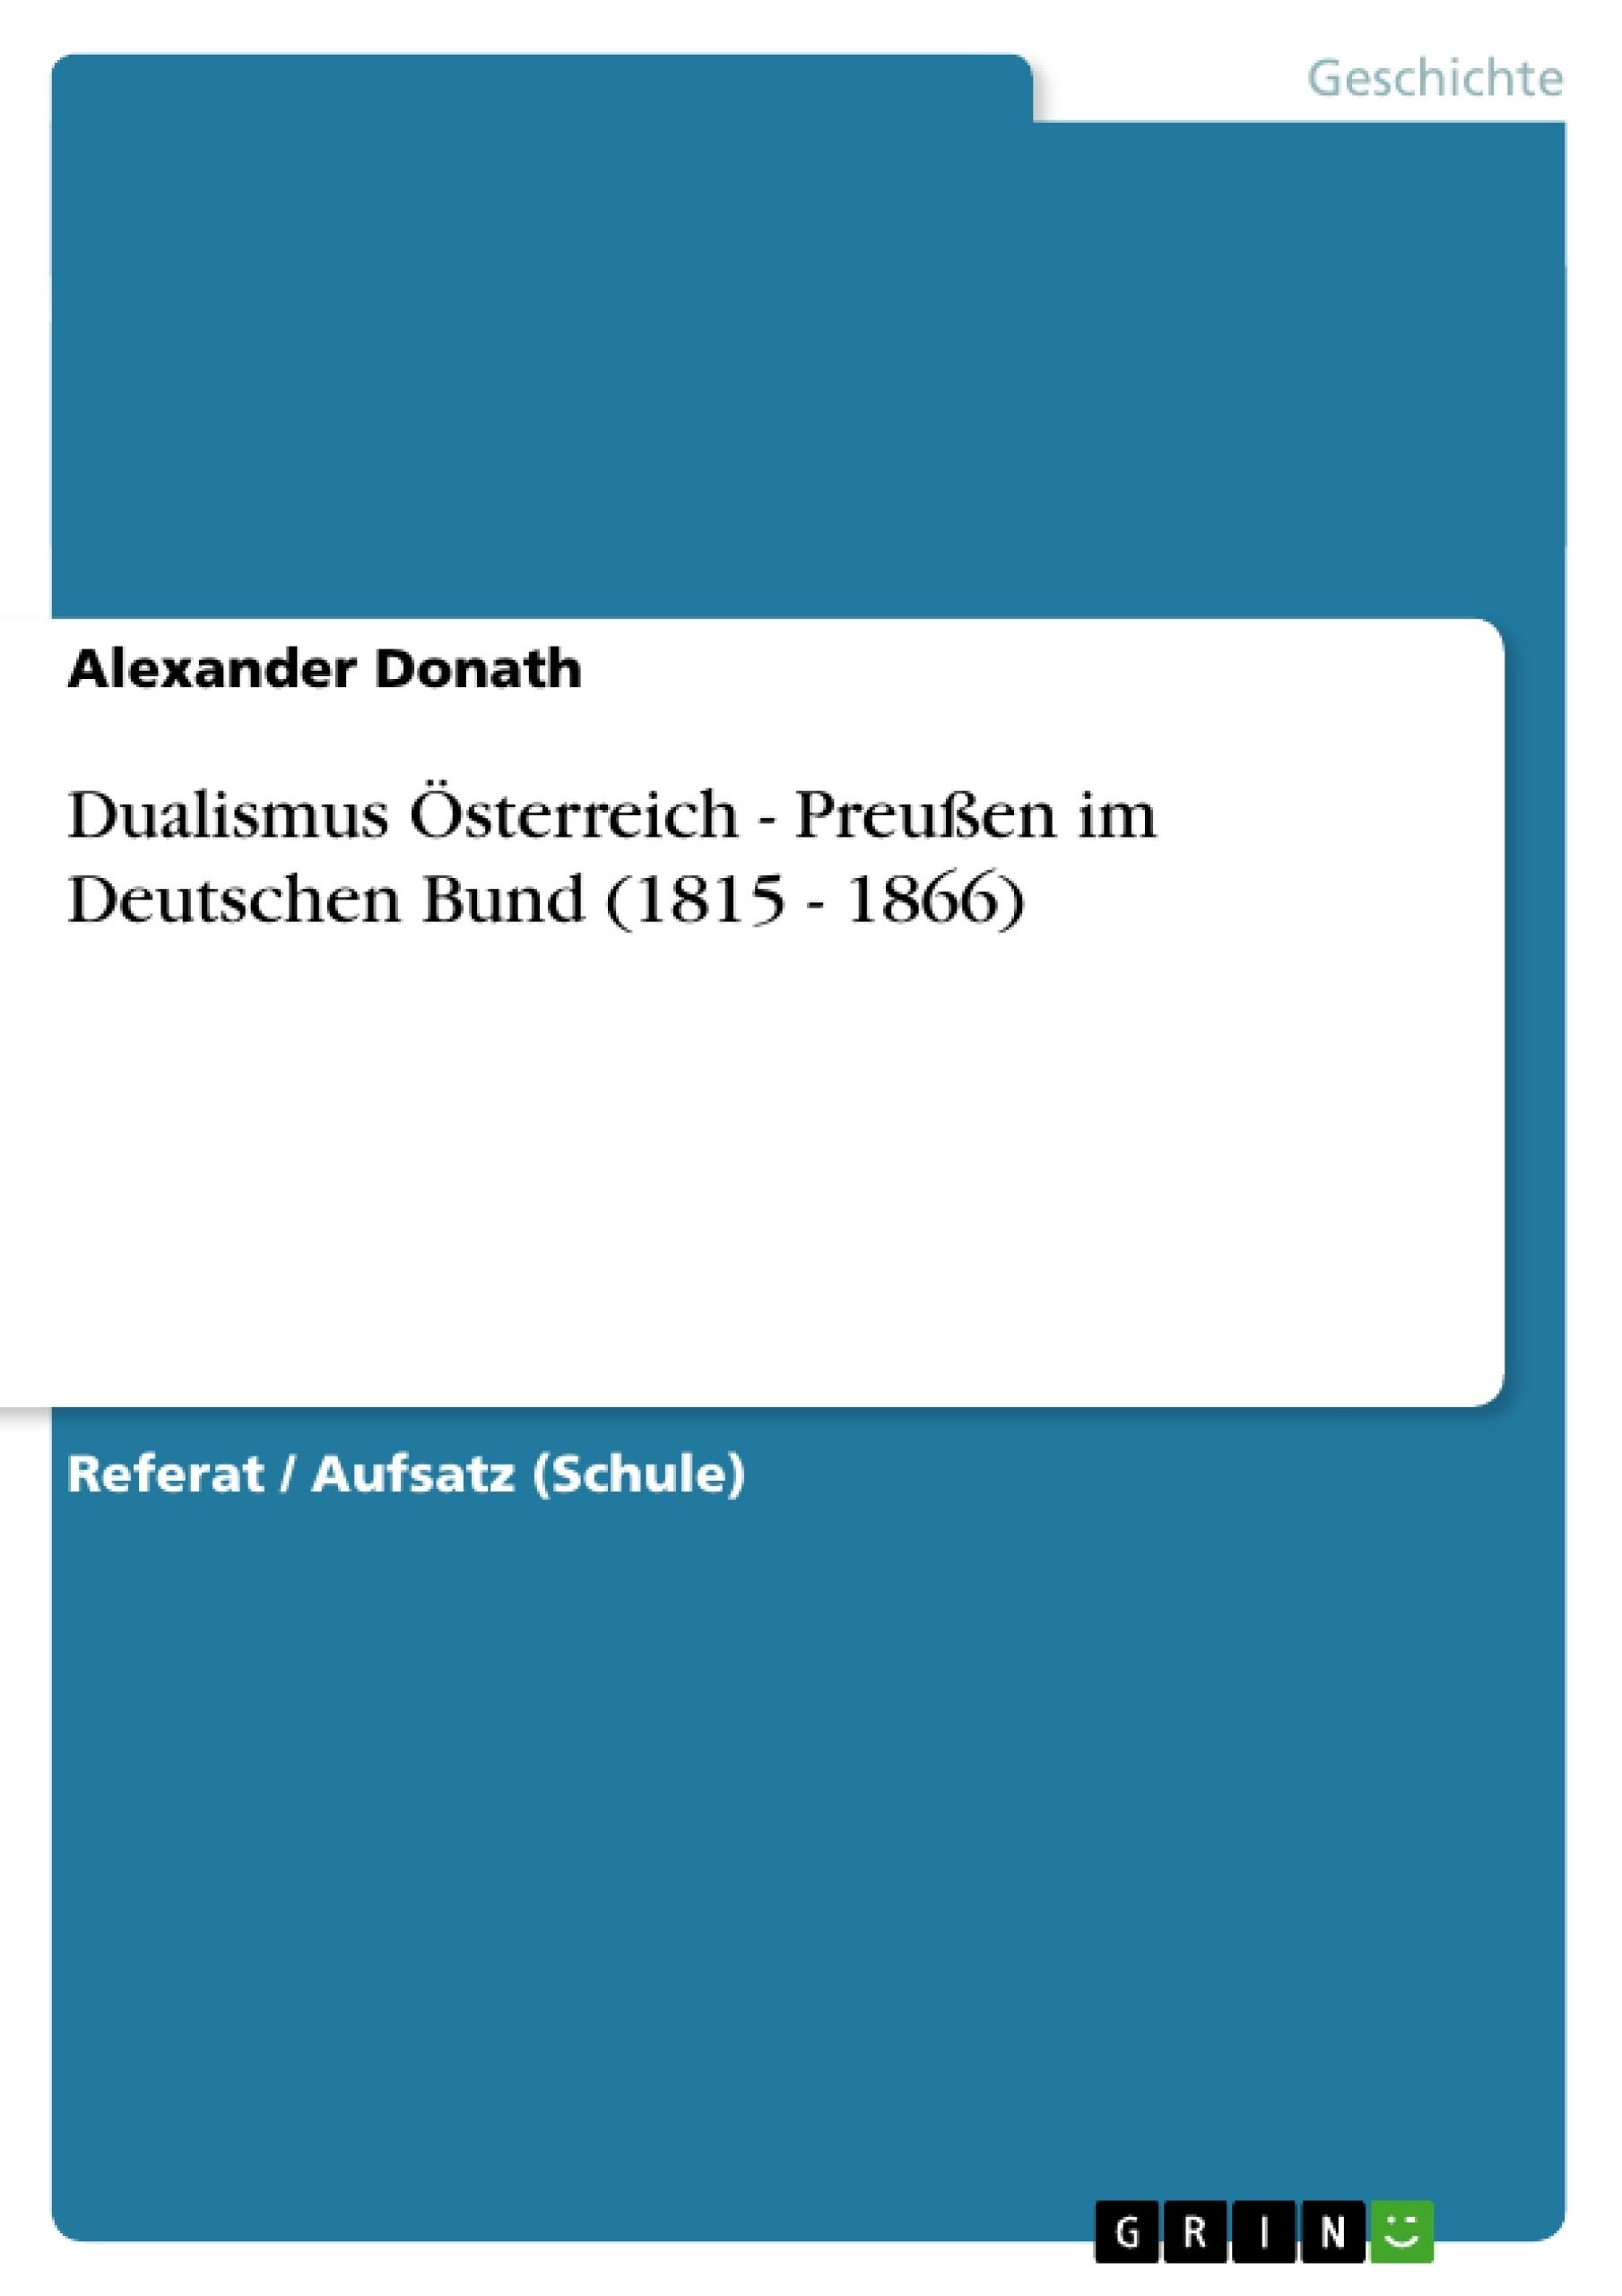 Titel: Dualismus Österreich - Preußen im Deutschen Bund (1815 - 1866)